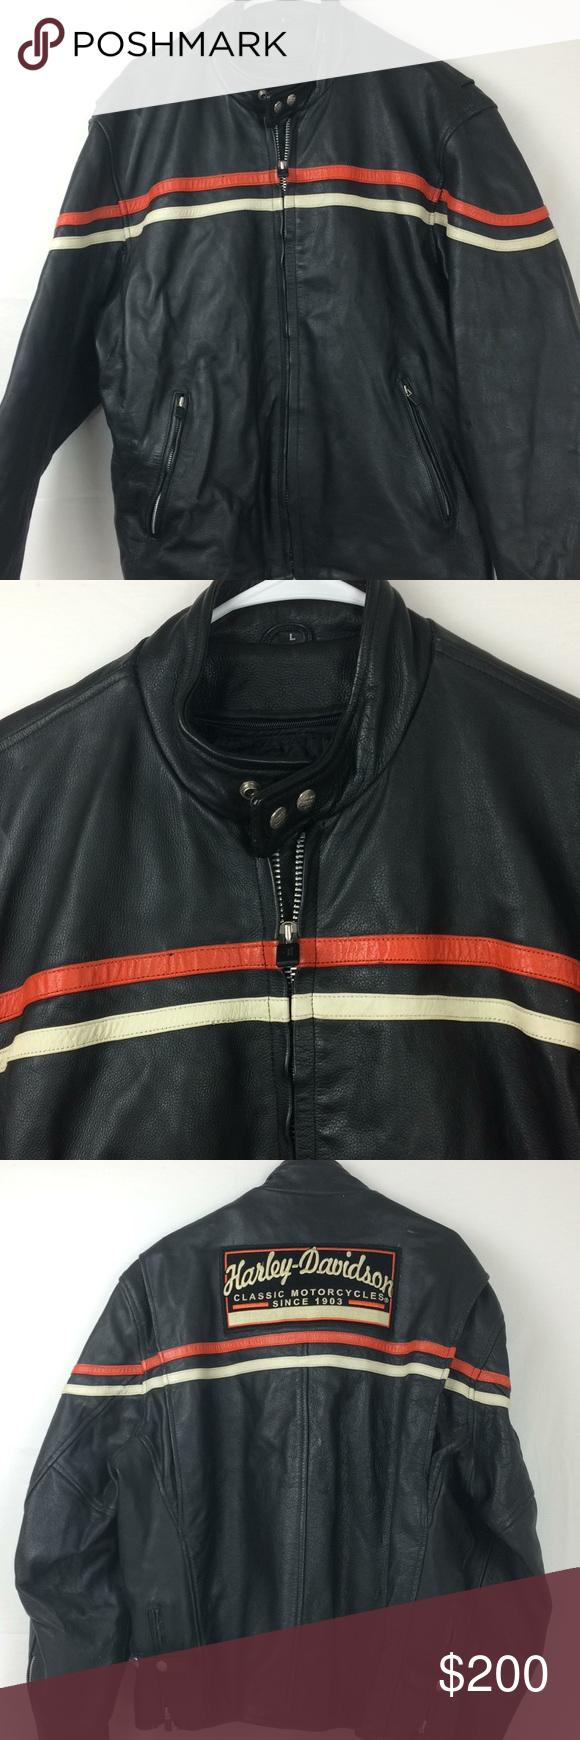 Men S Harley Davidson Jacket Size Large Black Harley Davidson Jacket Clothes Design Jackets [ 1740 x 580 Pixel ]